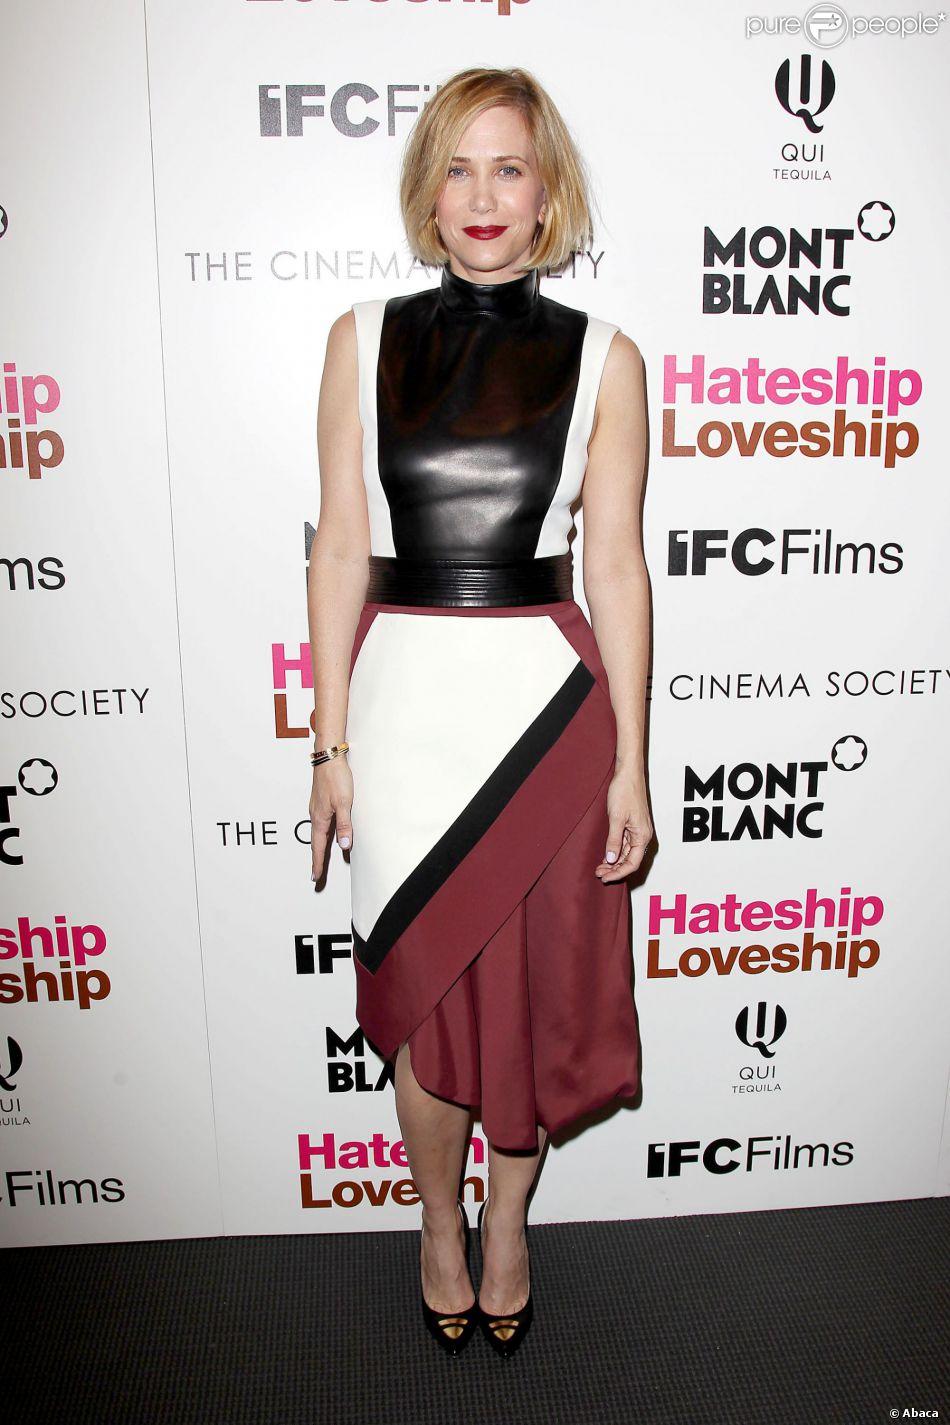 Kristen Wiig blonde lors de la première de Hateship Loveship à New York le 8 avril 2014.